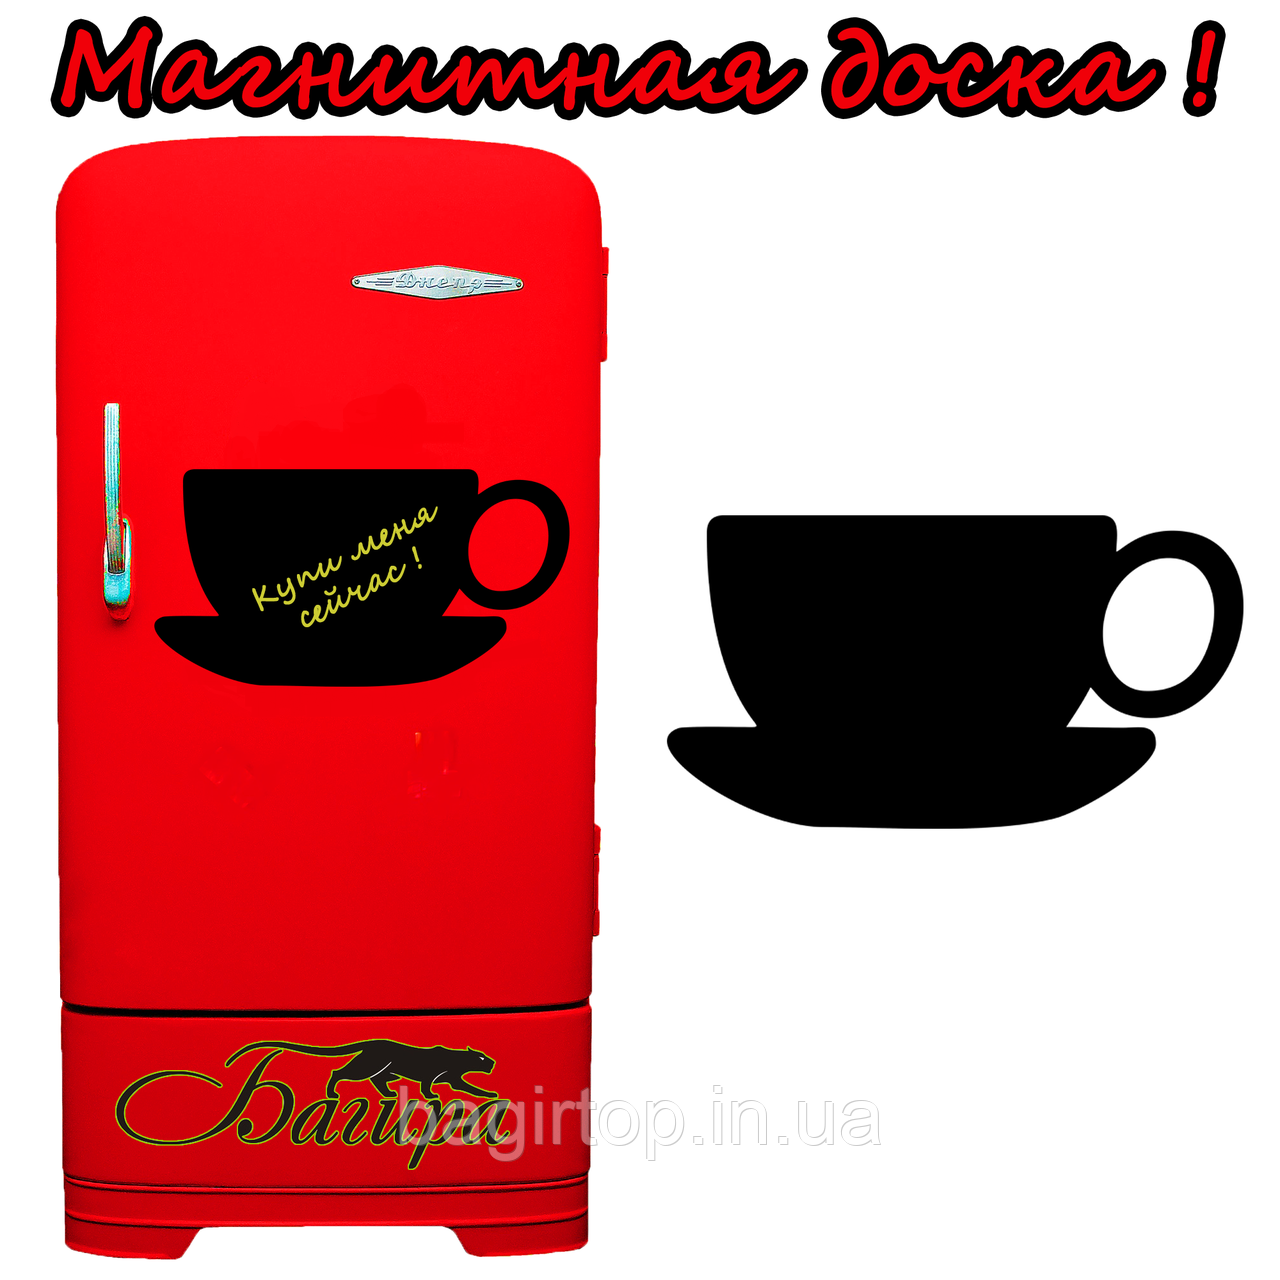 Магнитная доска на холодильник Чашка чая (32х25см)